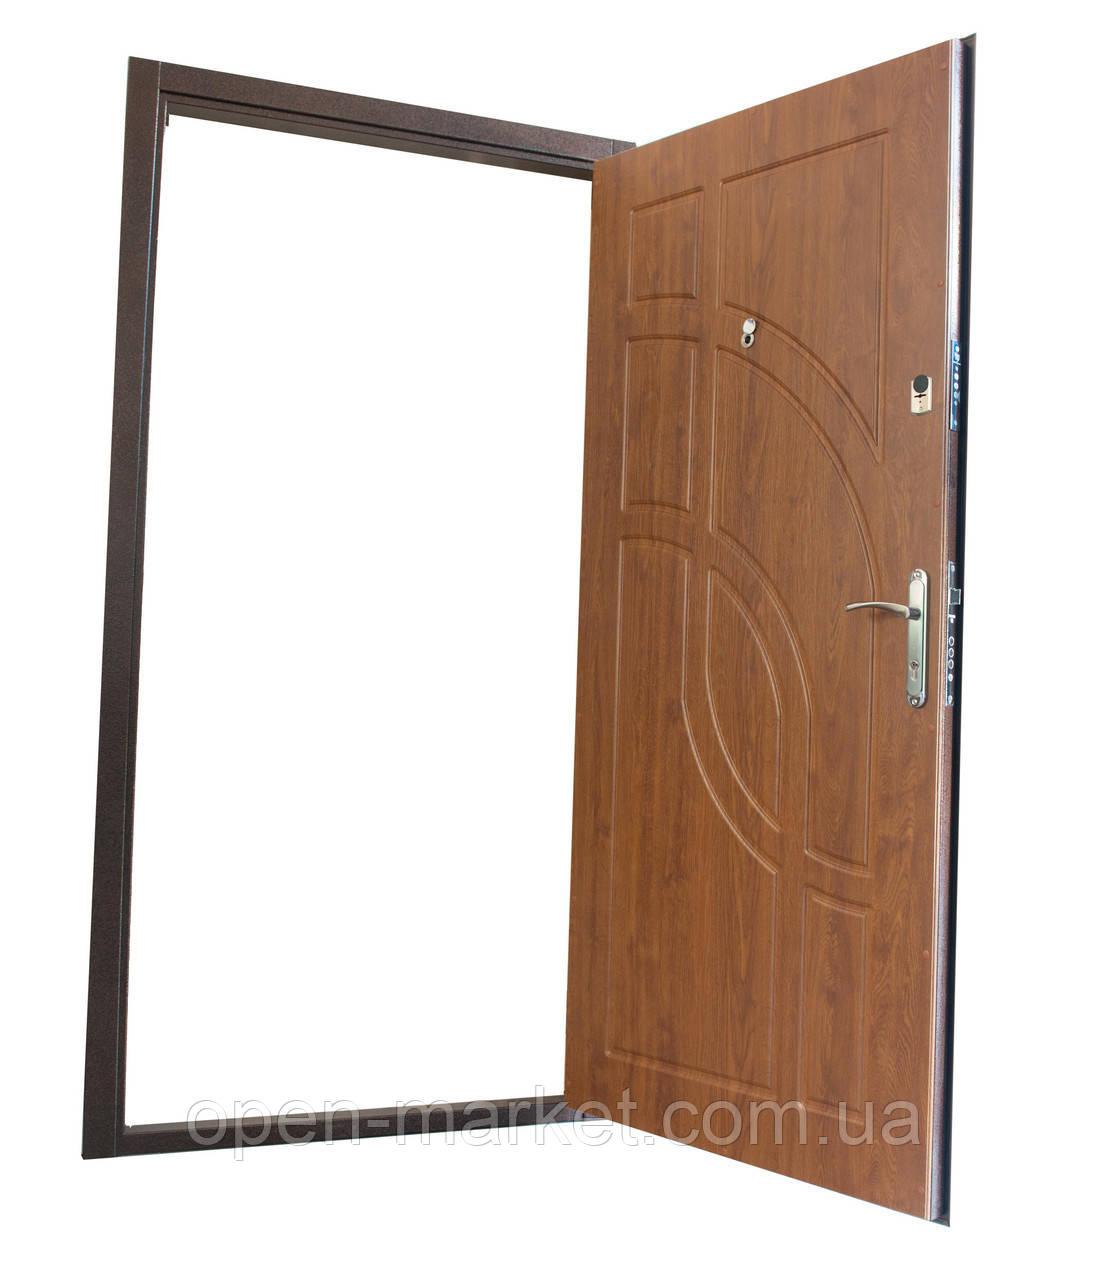 Двери уличные Гурьевка Николаевская область